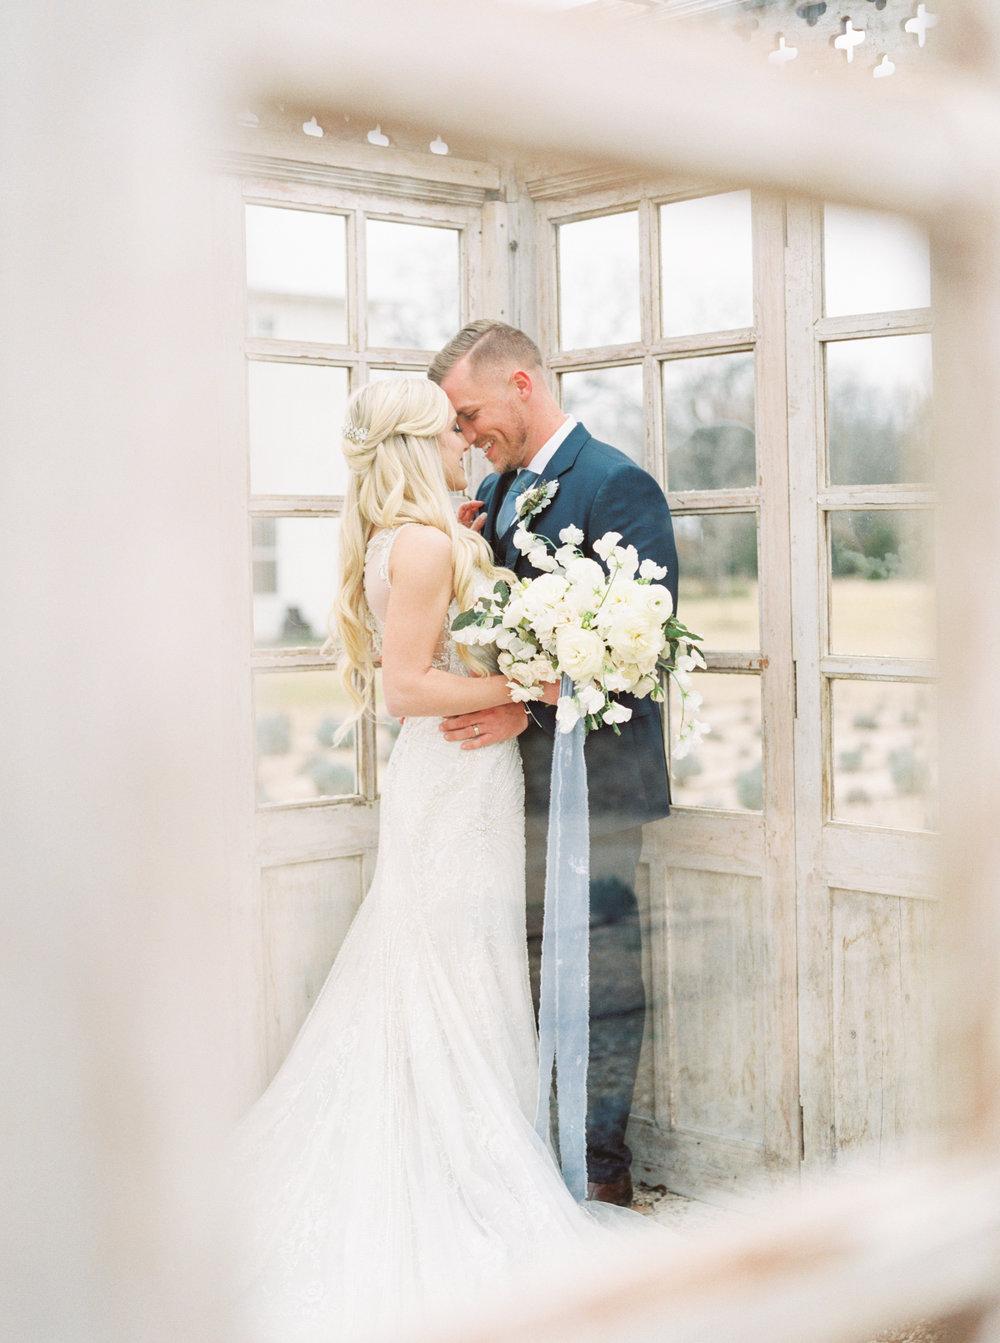 Chloe+Austin Wedding_674 copy.JPG